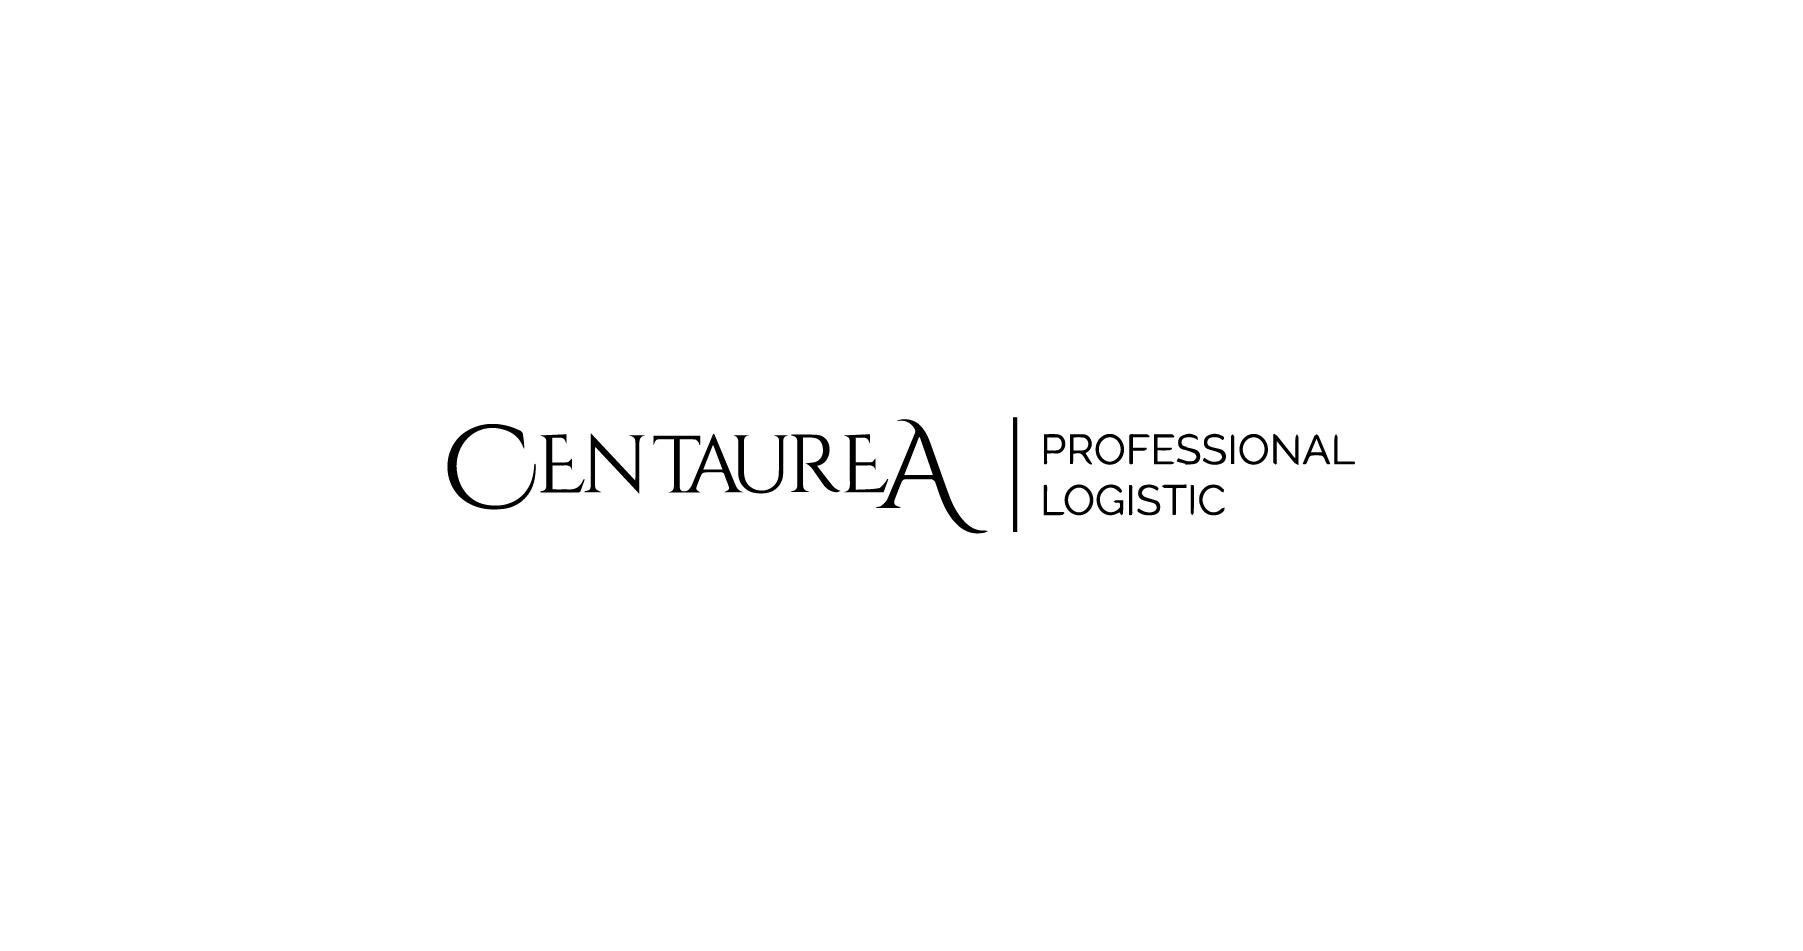 Cassiano Cortico - CENTAUREA Professional Logistic